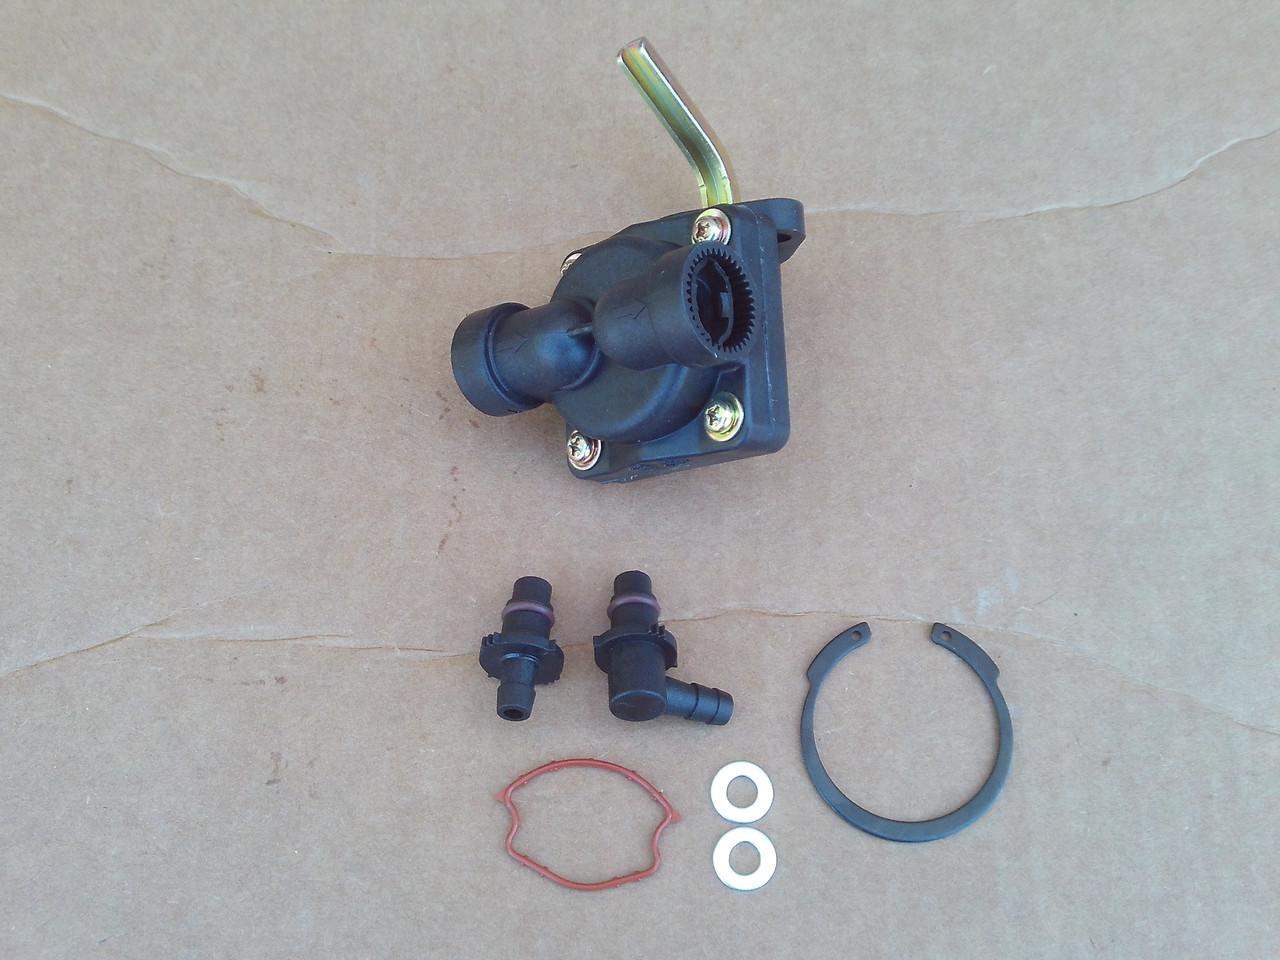 Stens 520-572 Fuel Pump Kit Kohler CH11-CH15 CV11-CV16 12 393 03-S 12 559 01-S